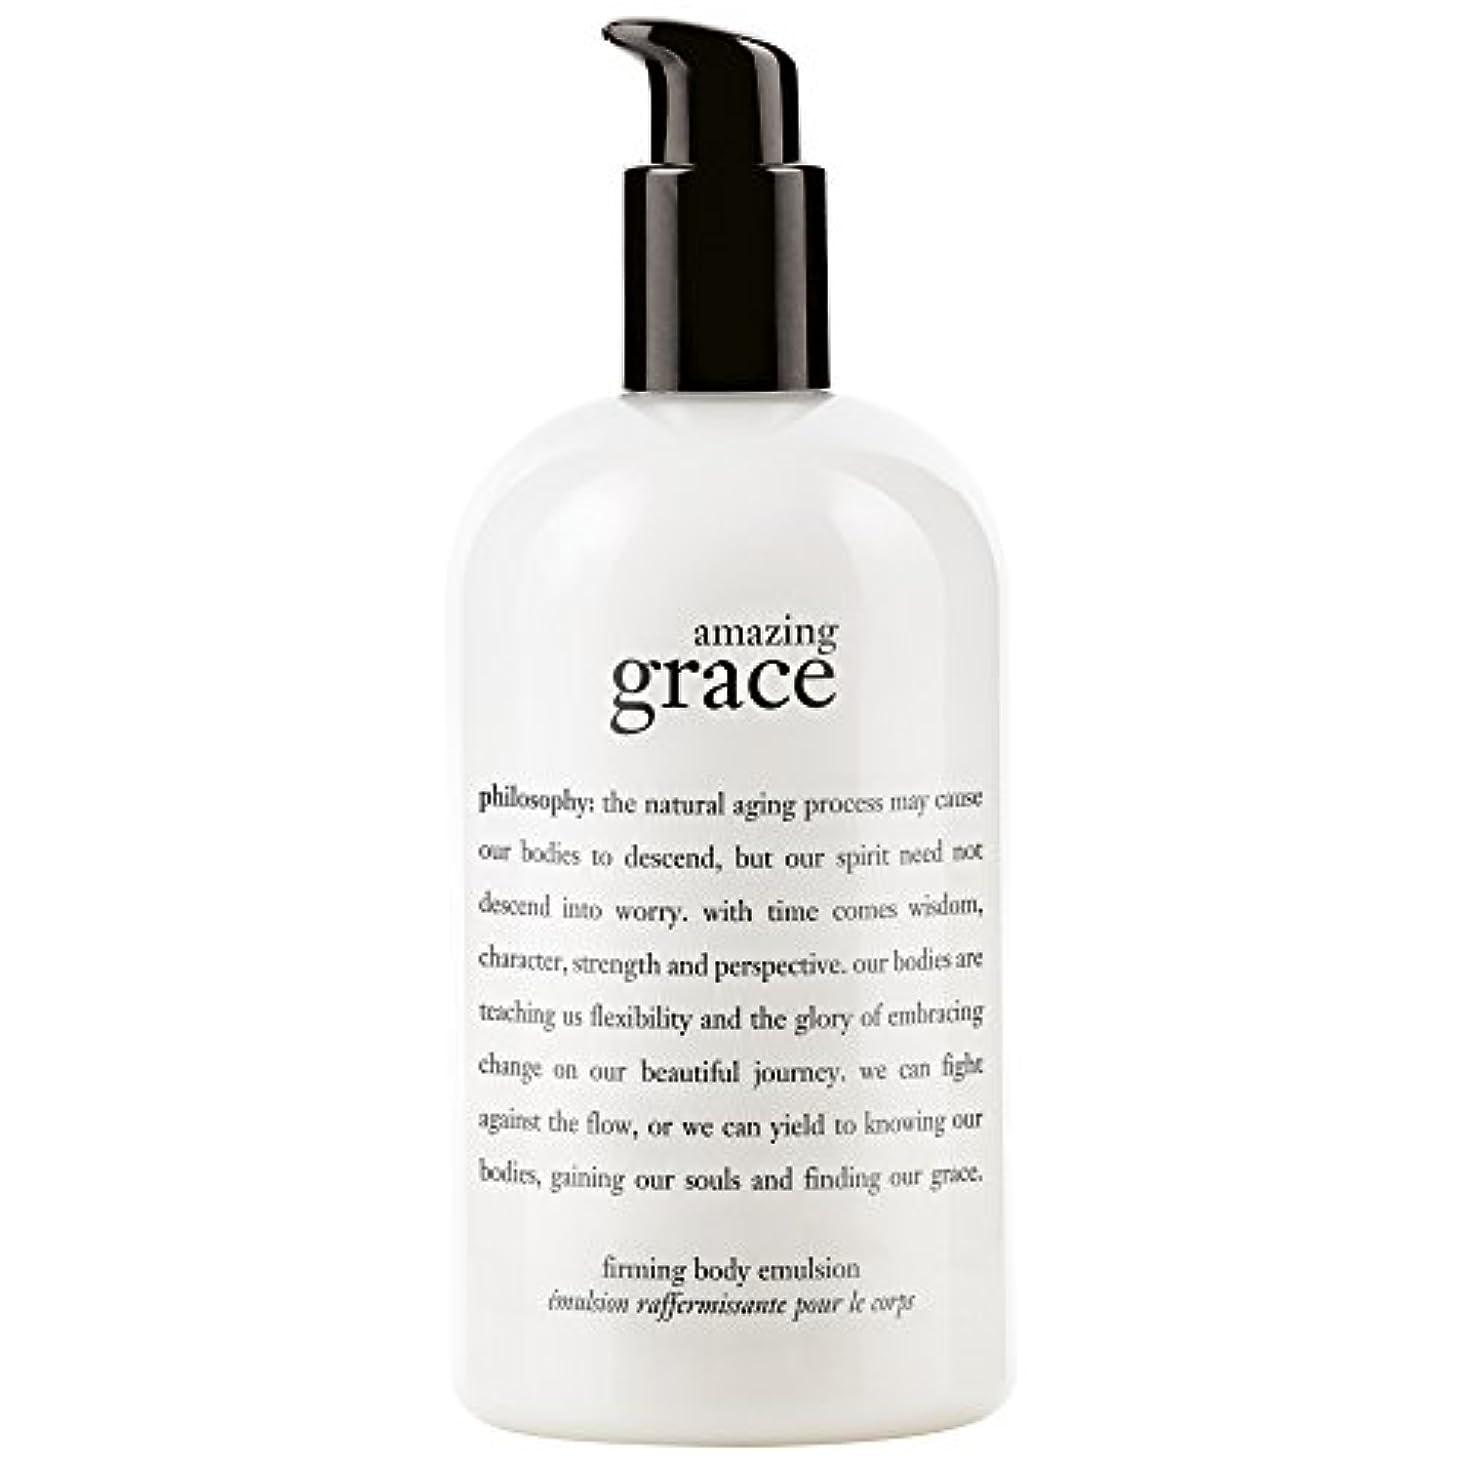 豚雄弁家ふける哲学驚くべき恵み引き締めボディエマルジョン480ミリリットル (Philosophy) - Philosophy Amazing Grace Firming Body Emulsion 480ml [並行輸入品]